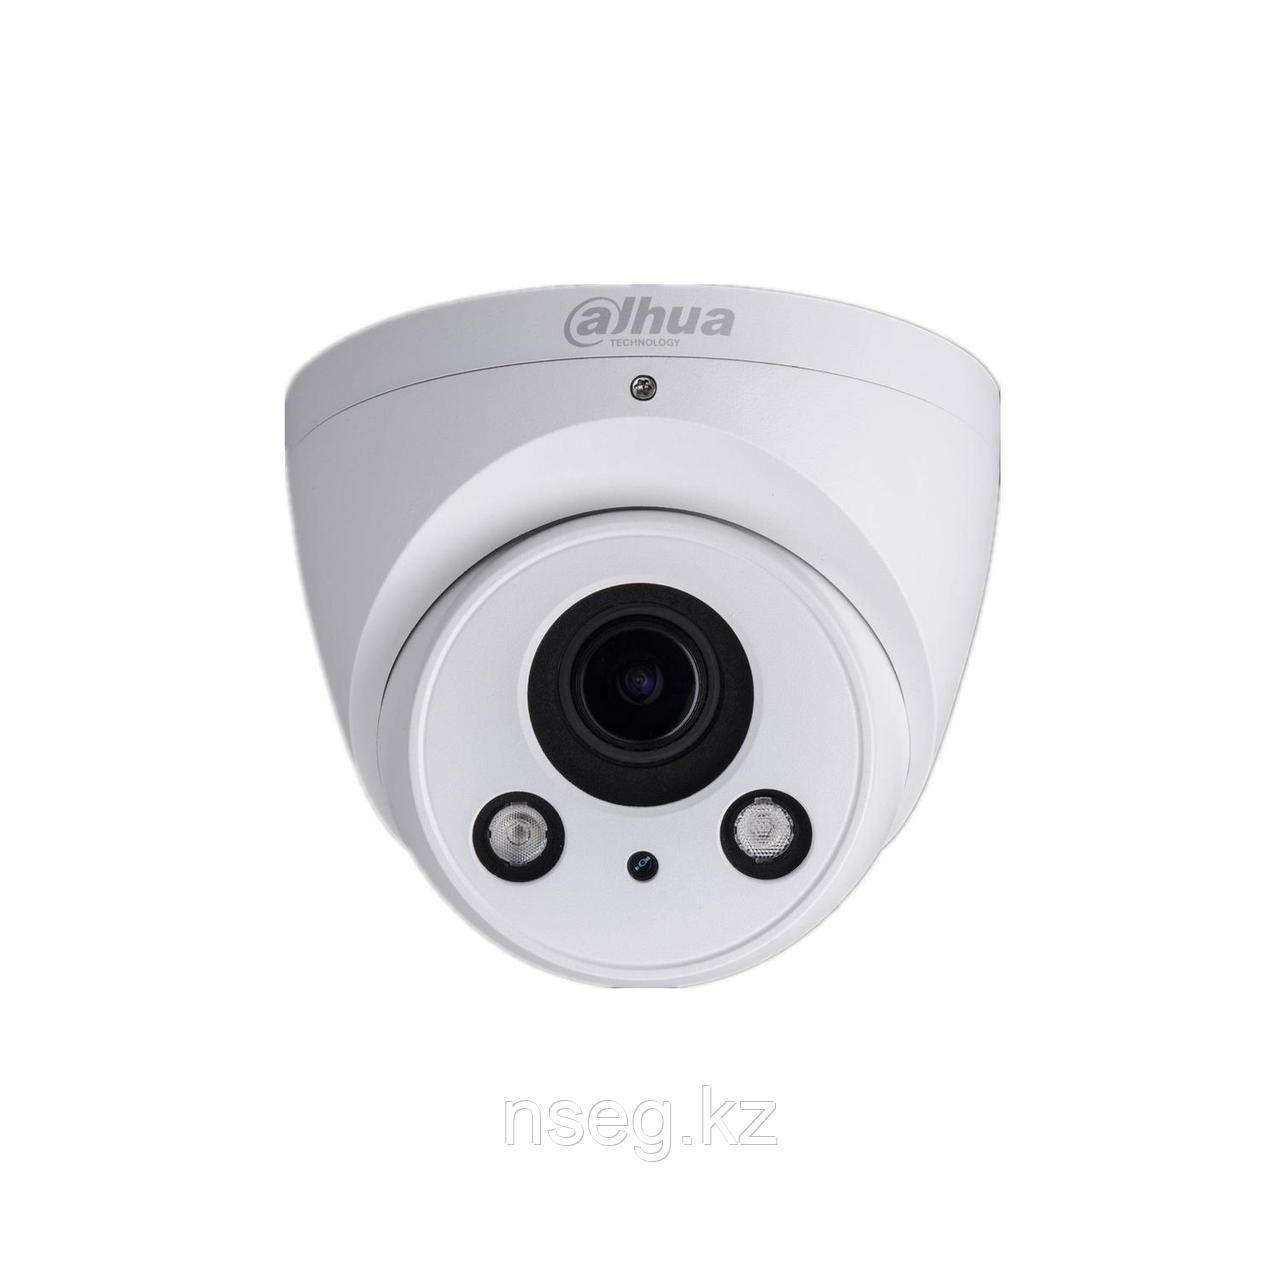 Dahua IPC-HDW2421R-ZS IP камера